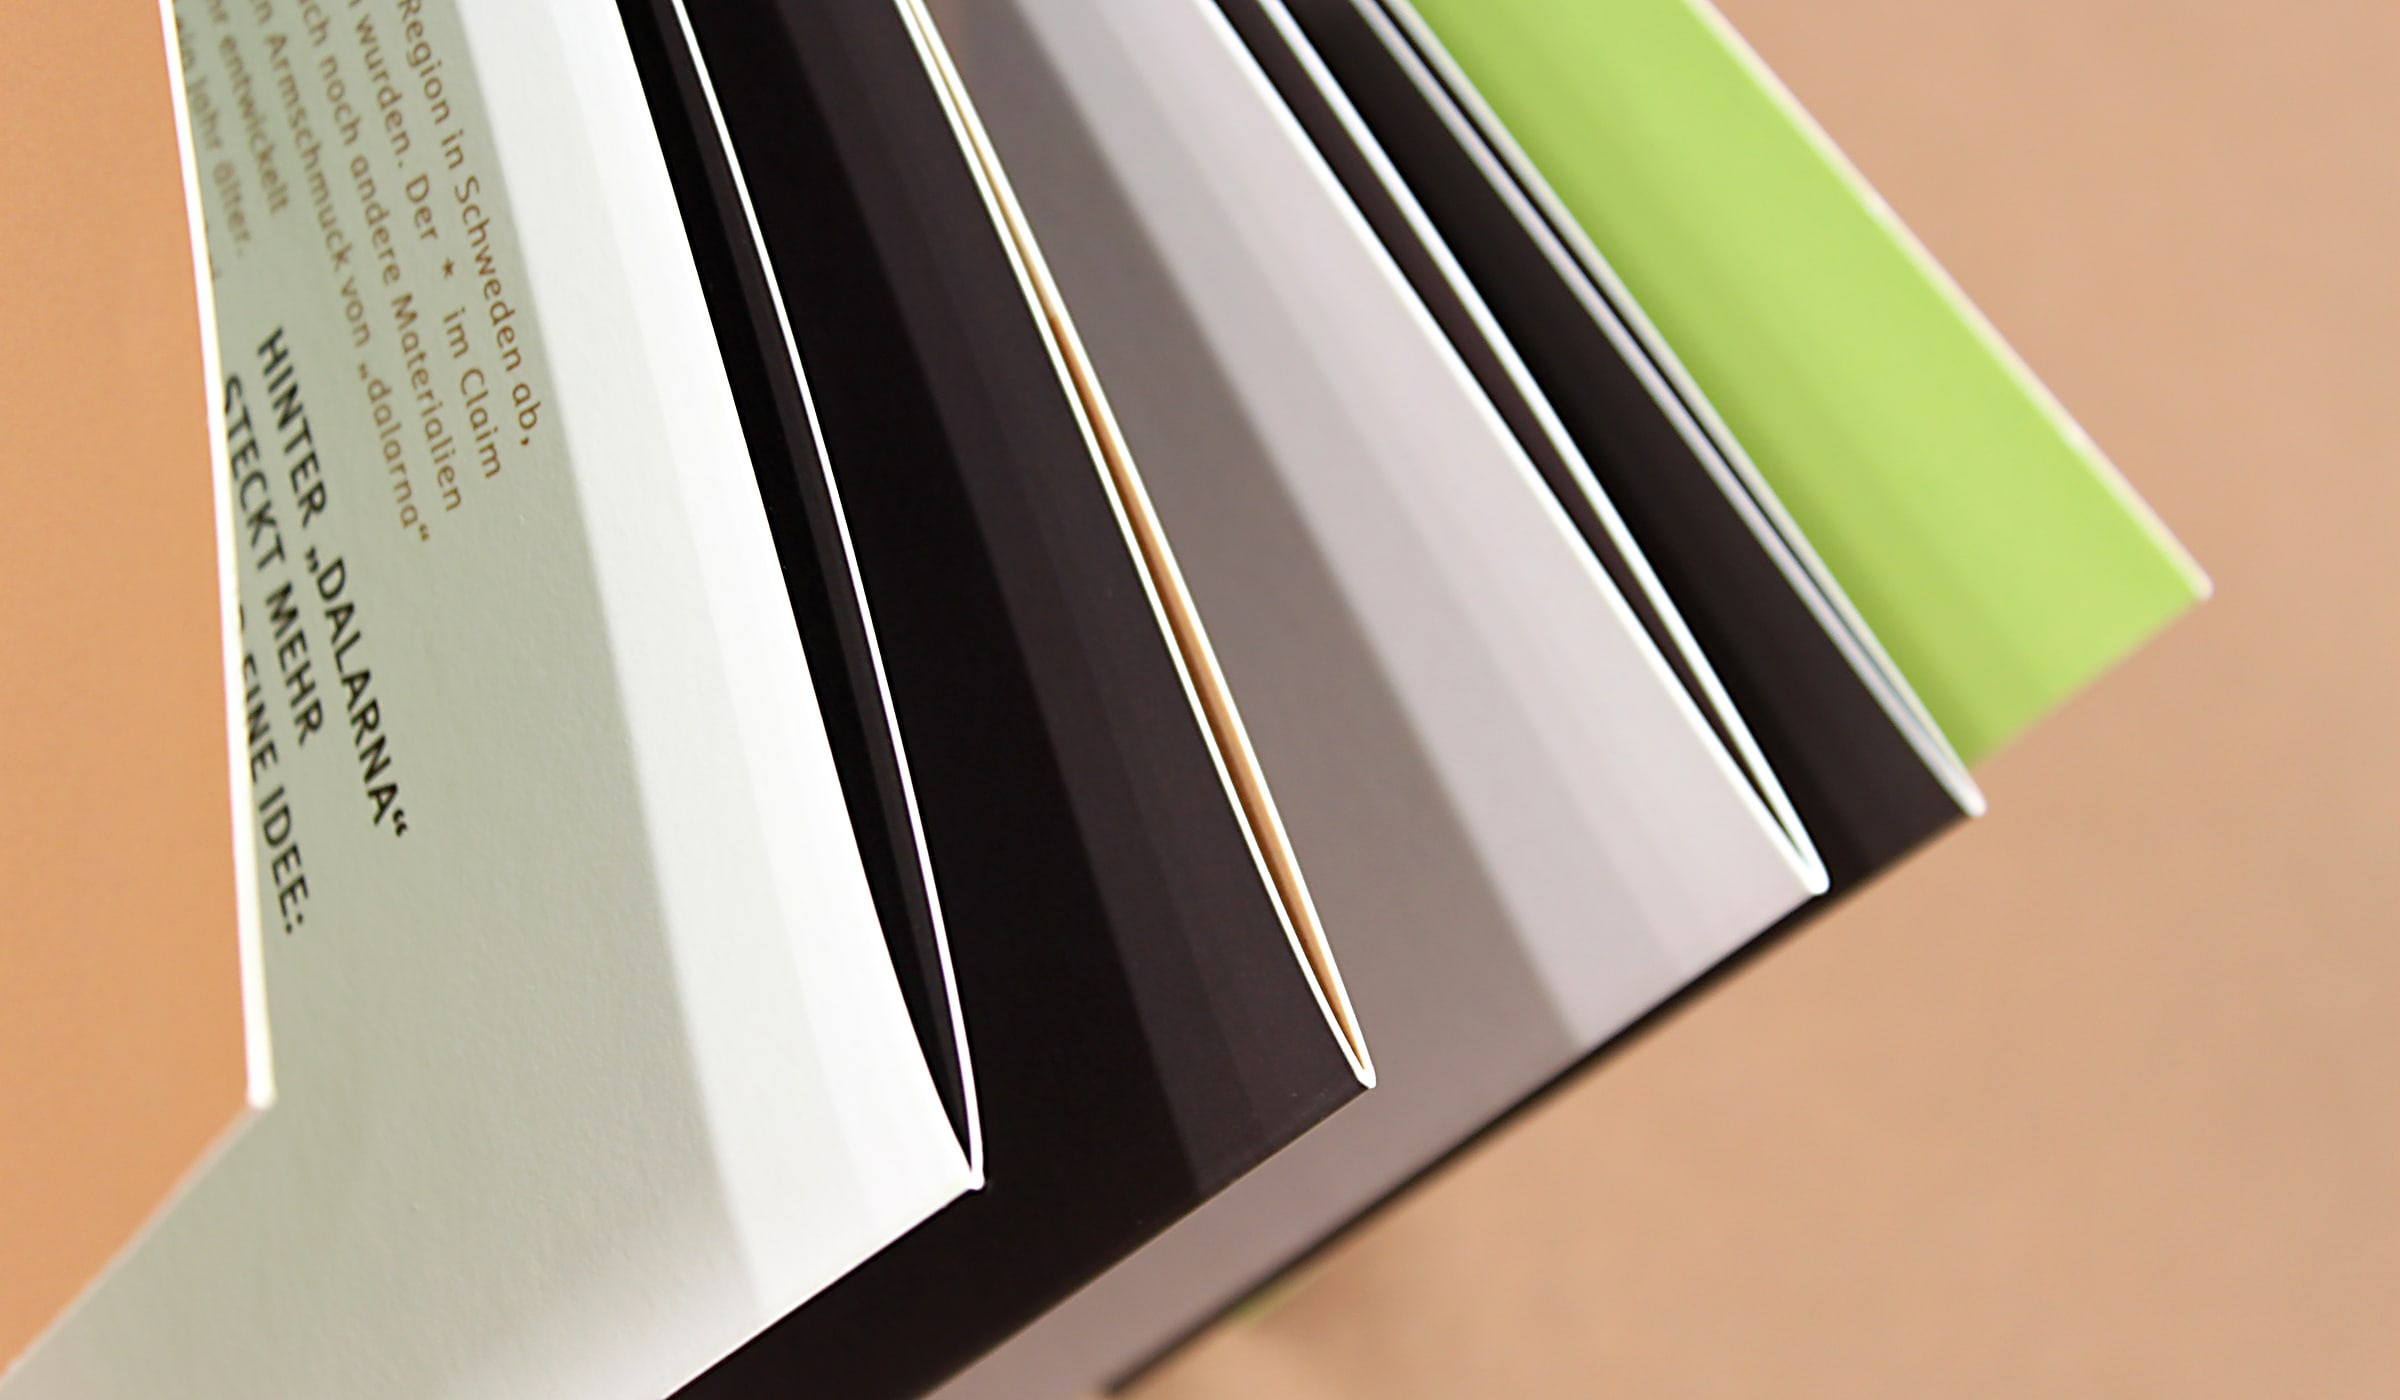 Konzeptarbeit ~ Produktentwicklung & Vermarktung ~ Werbemittel ~ Imagebroschüre // Detail Imagebroschüre // dalarna // Branding/ Brand Design/ Corporate Design/ Logo/ KERSTIN MICHELS – DESIGN/ Designagentur/ Werbeagentur/Grafikdesign/ Kommunikationsdesign/ Hermeskeil/ Hochwald/ Trier/ Rheinland-Pfalz/ Werbung/ Design